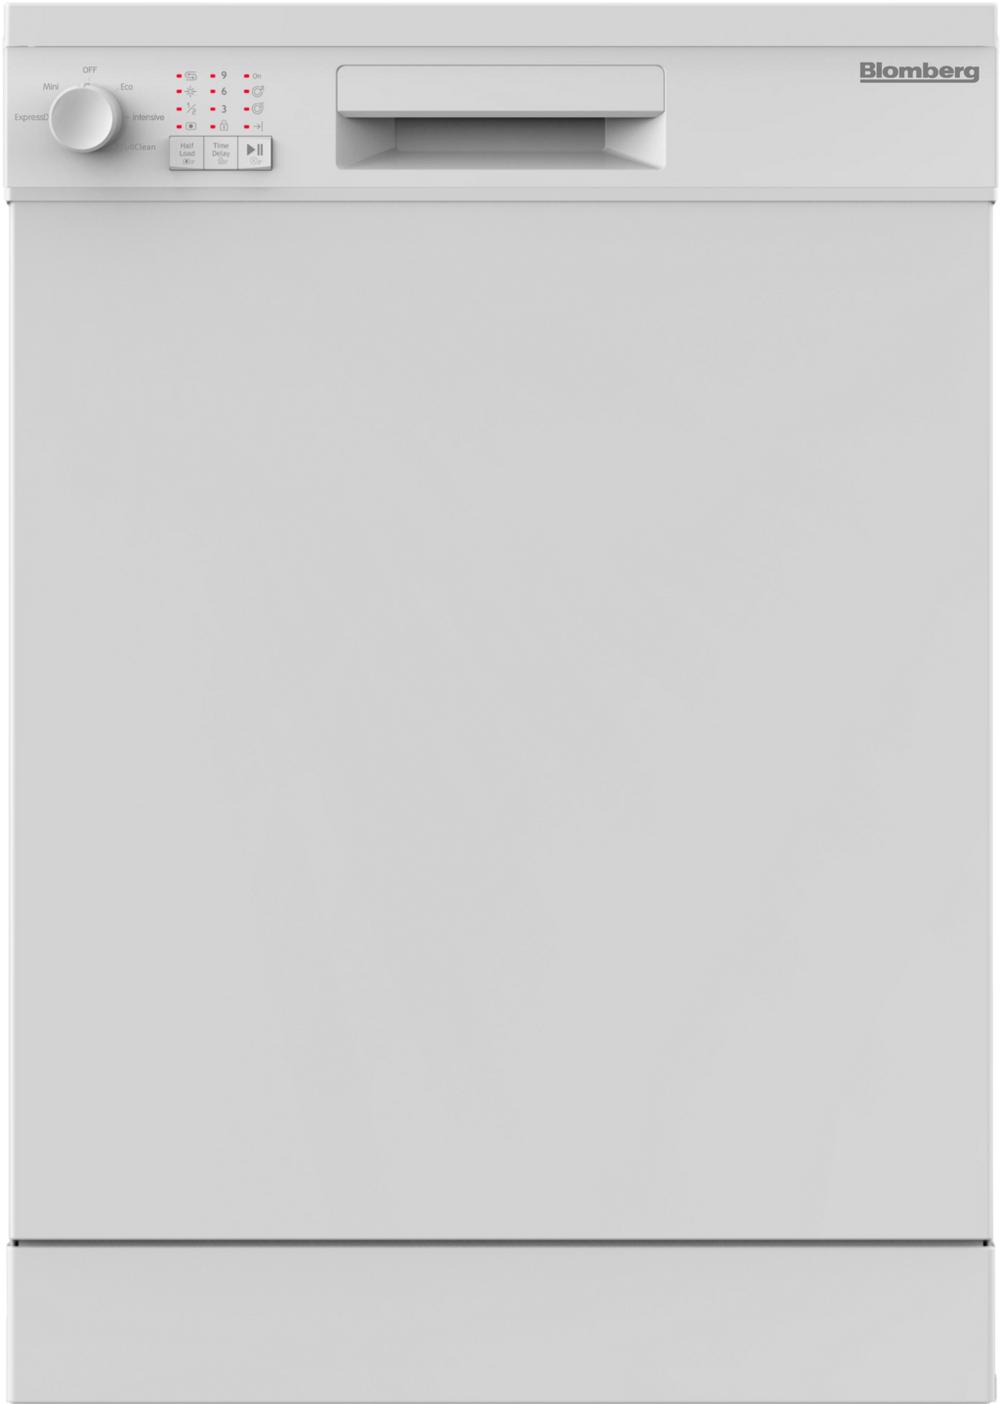 Blomberg LDF30210W Full Size Dishwasher - White